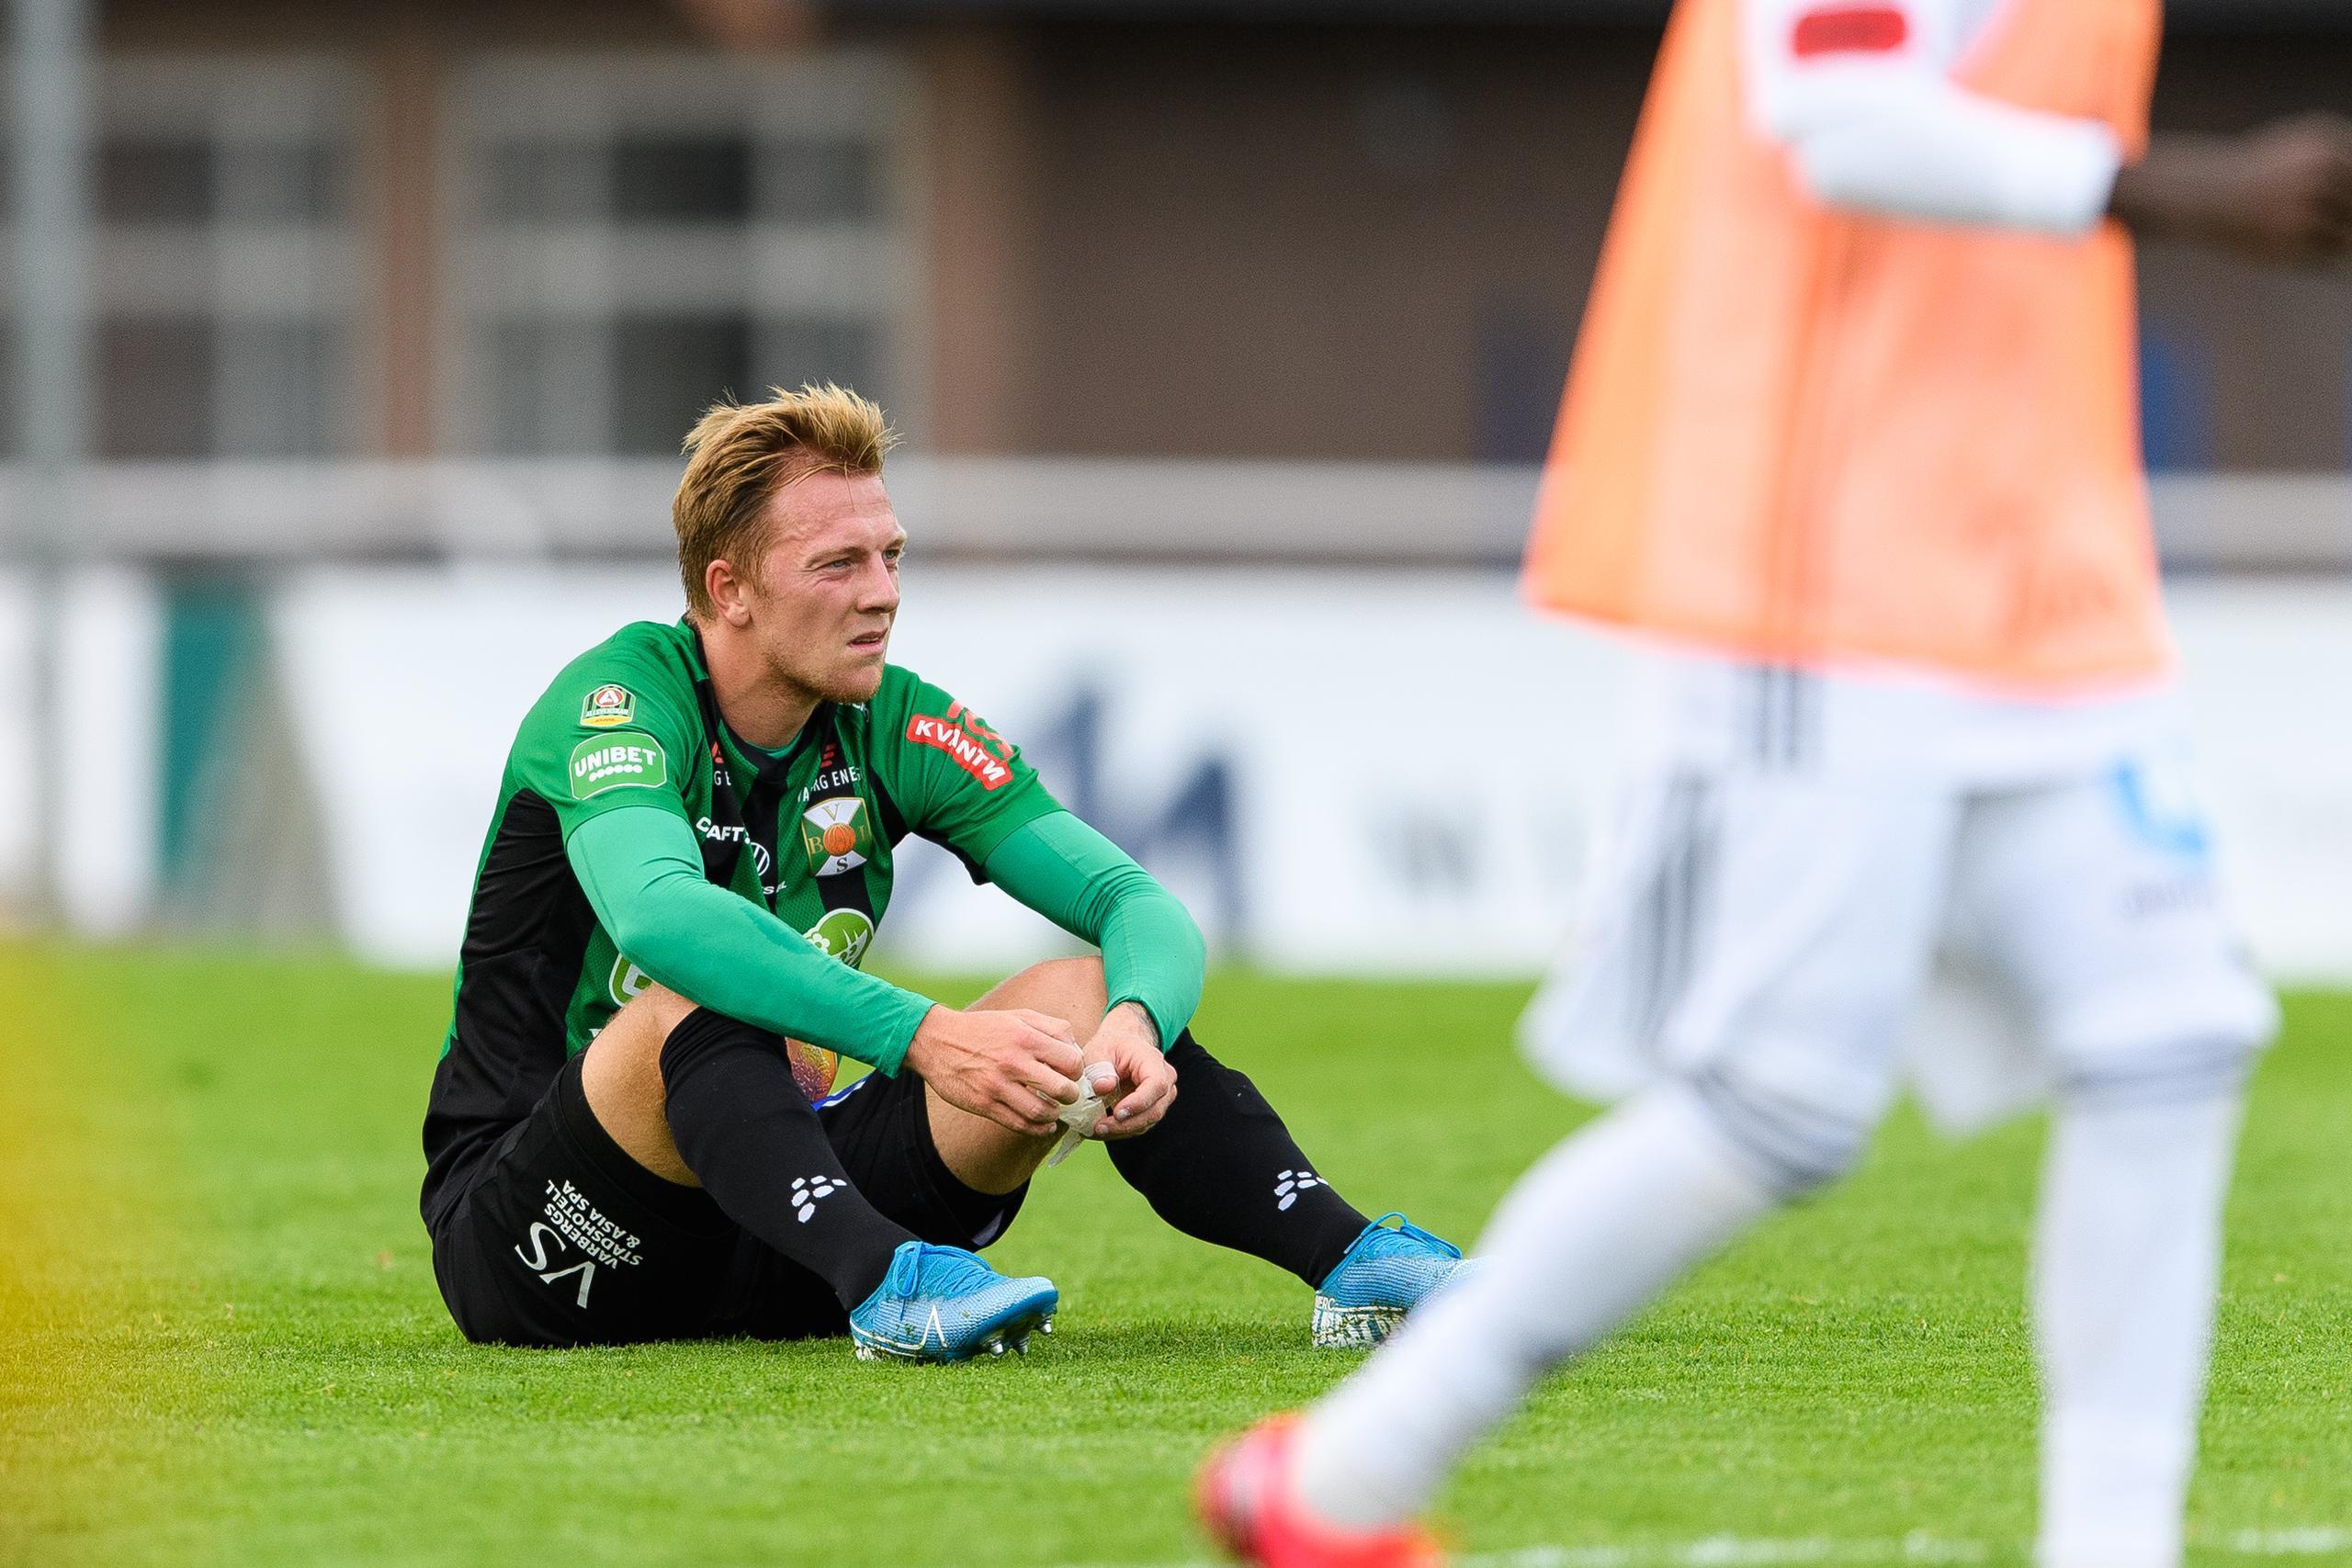 Varberg tappade segern i slutsekunderna